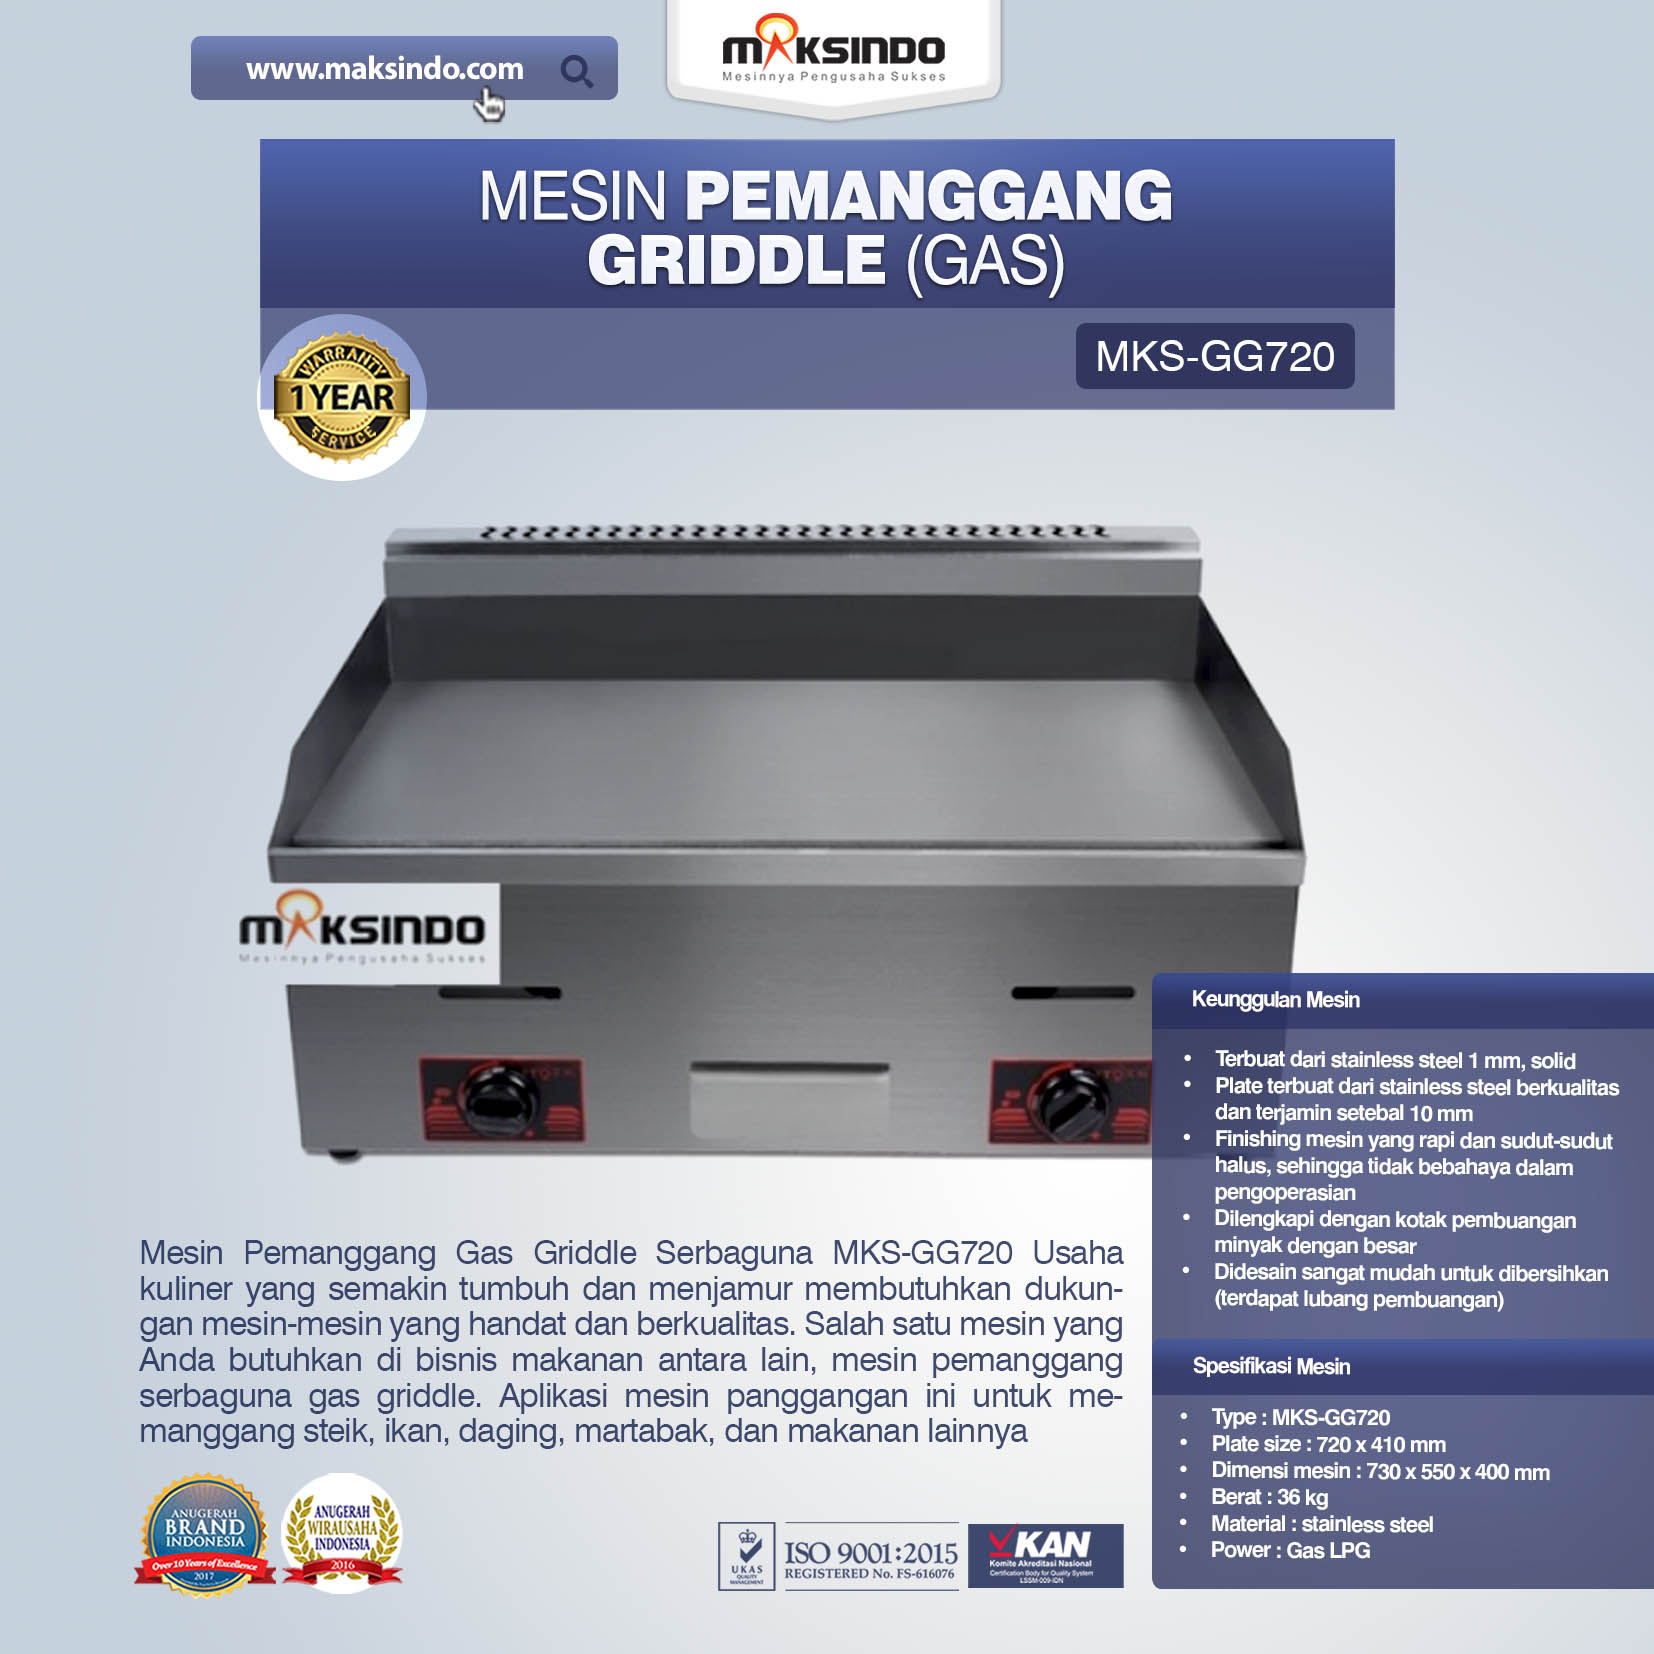 Mesin Pemanggang Griddle Gas MKS-GG720